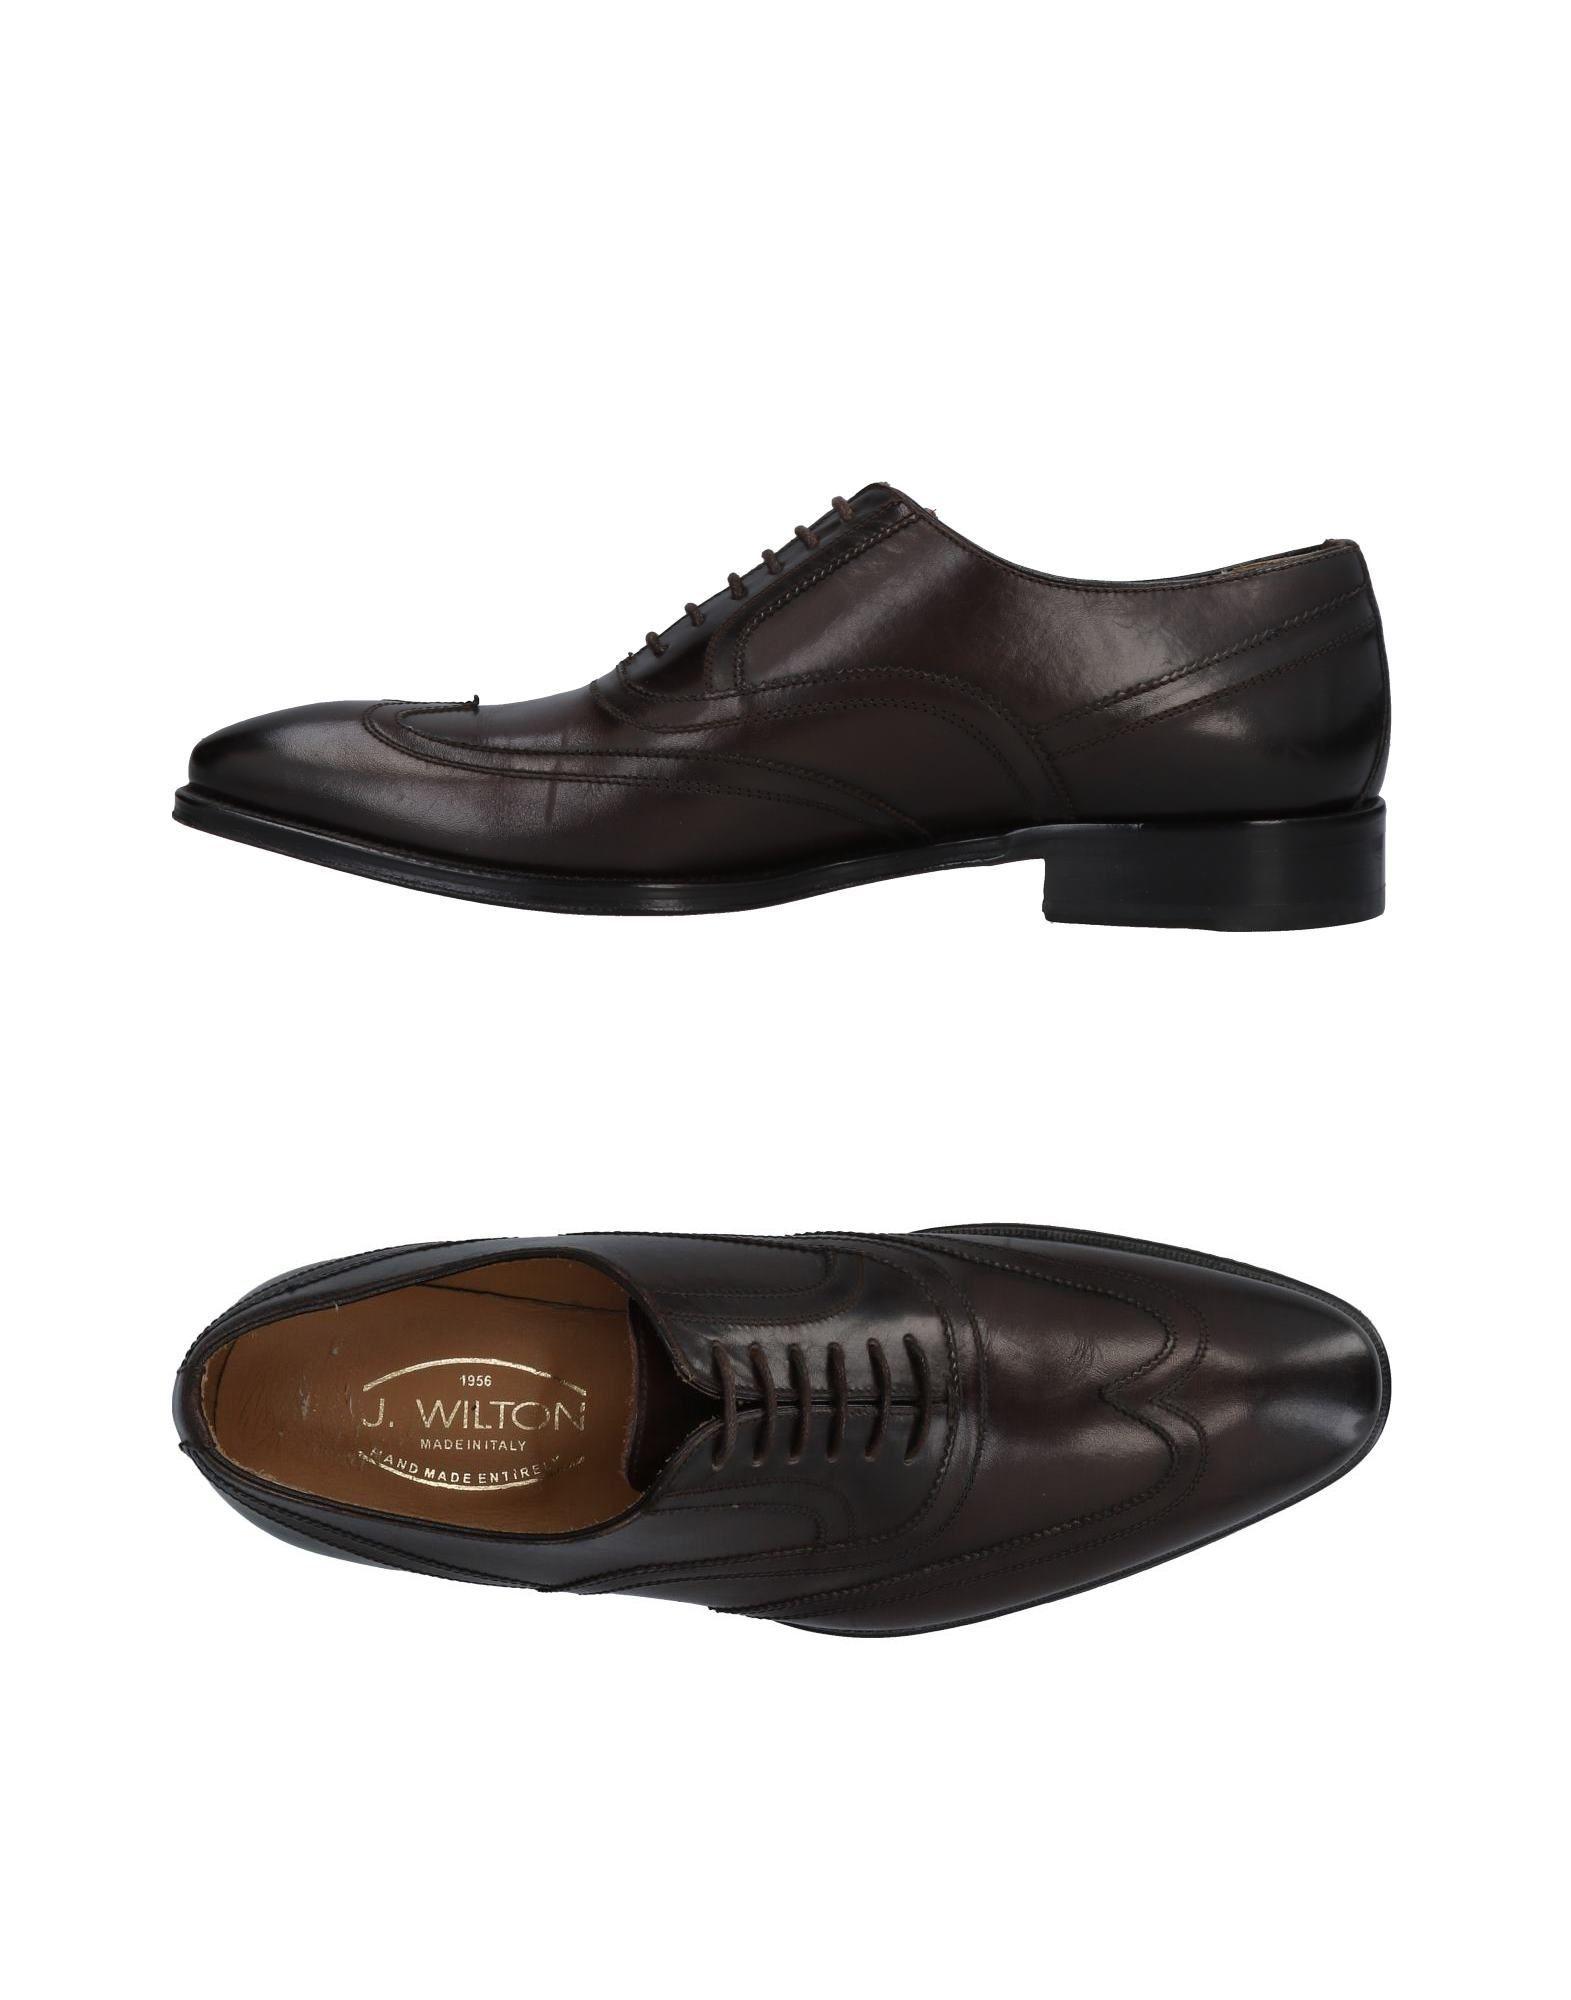 Фото - J.WILTON Обувь на шнурках обувь на высокой платформе dkny